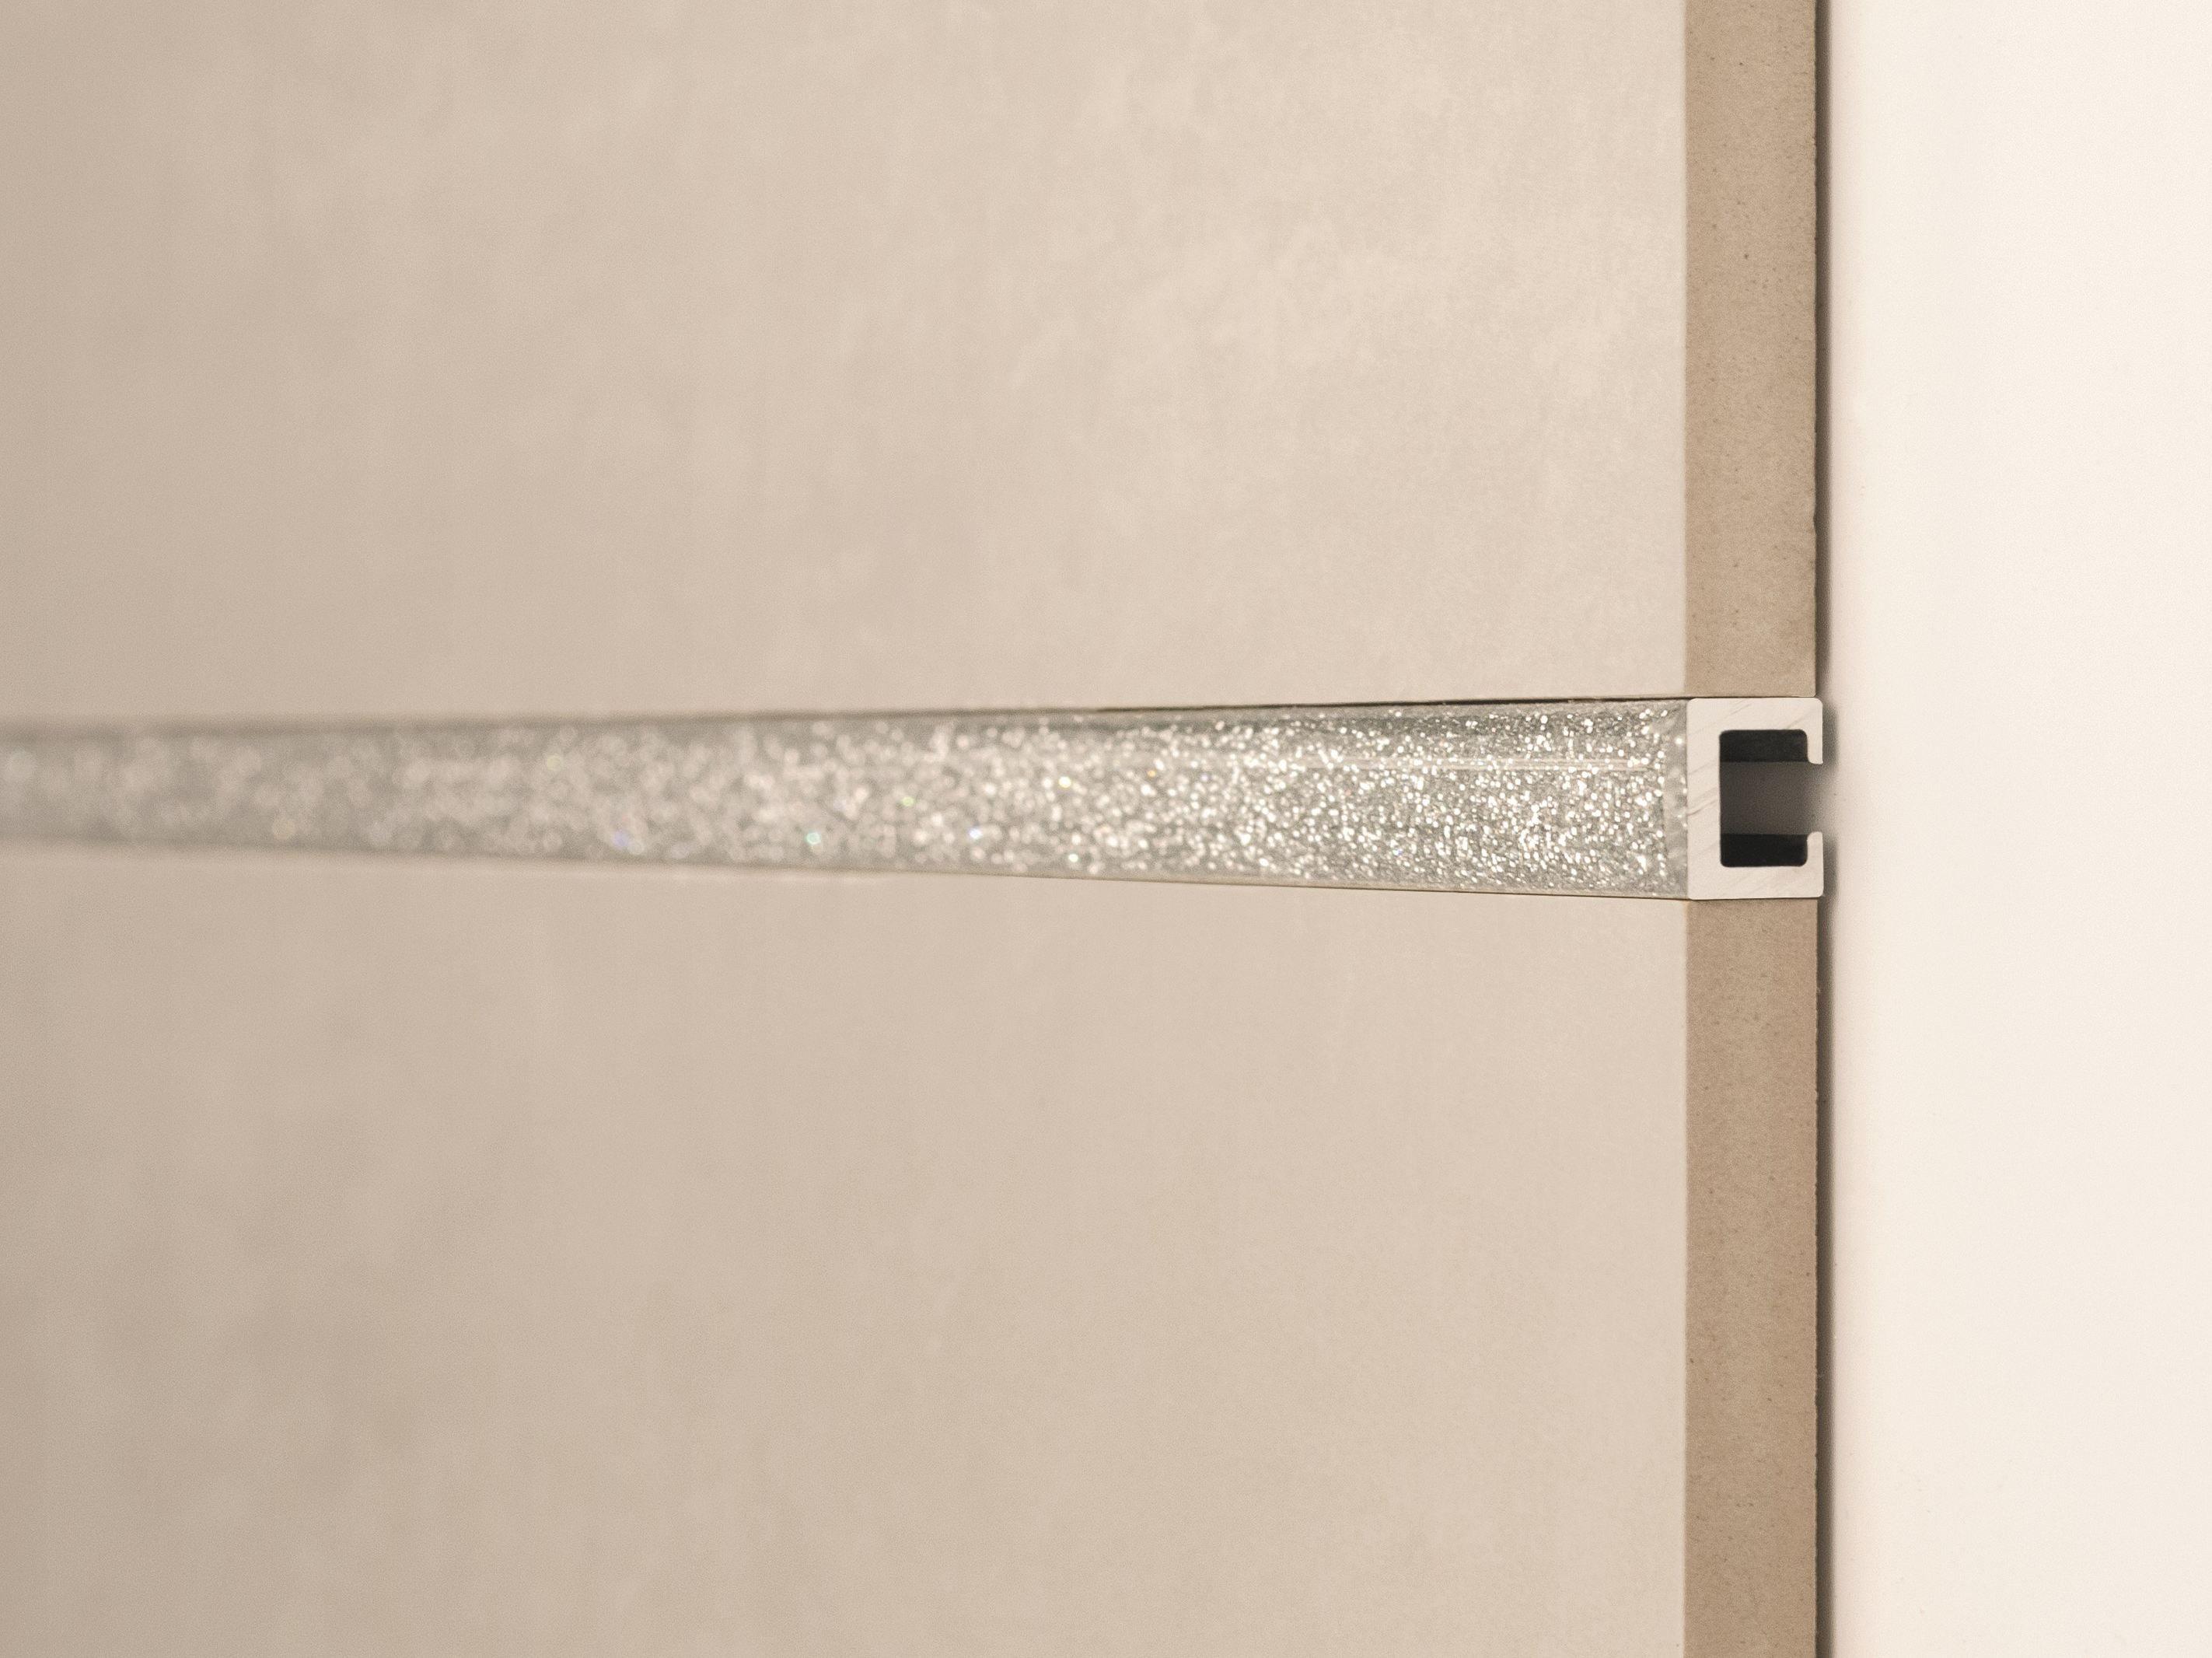 Bordo decorativo per rivestimenti listec li 10 glitter by - Listelli decorativi per bagno ...